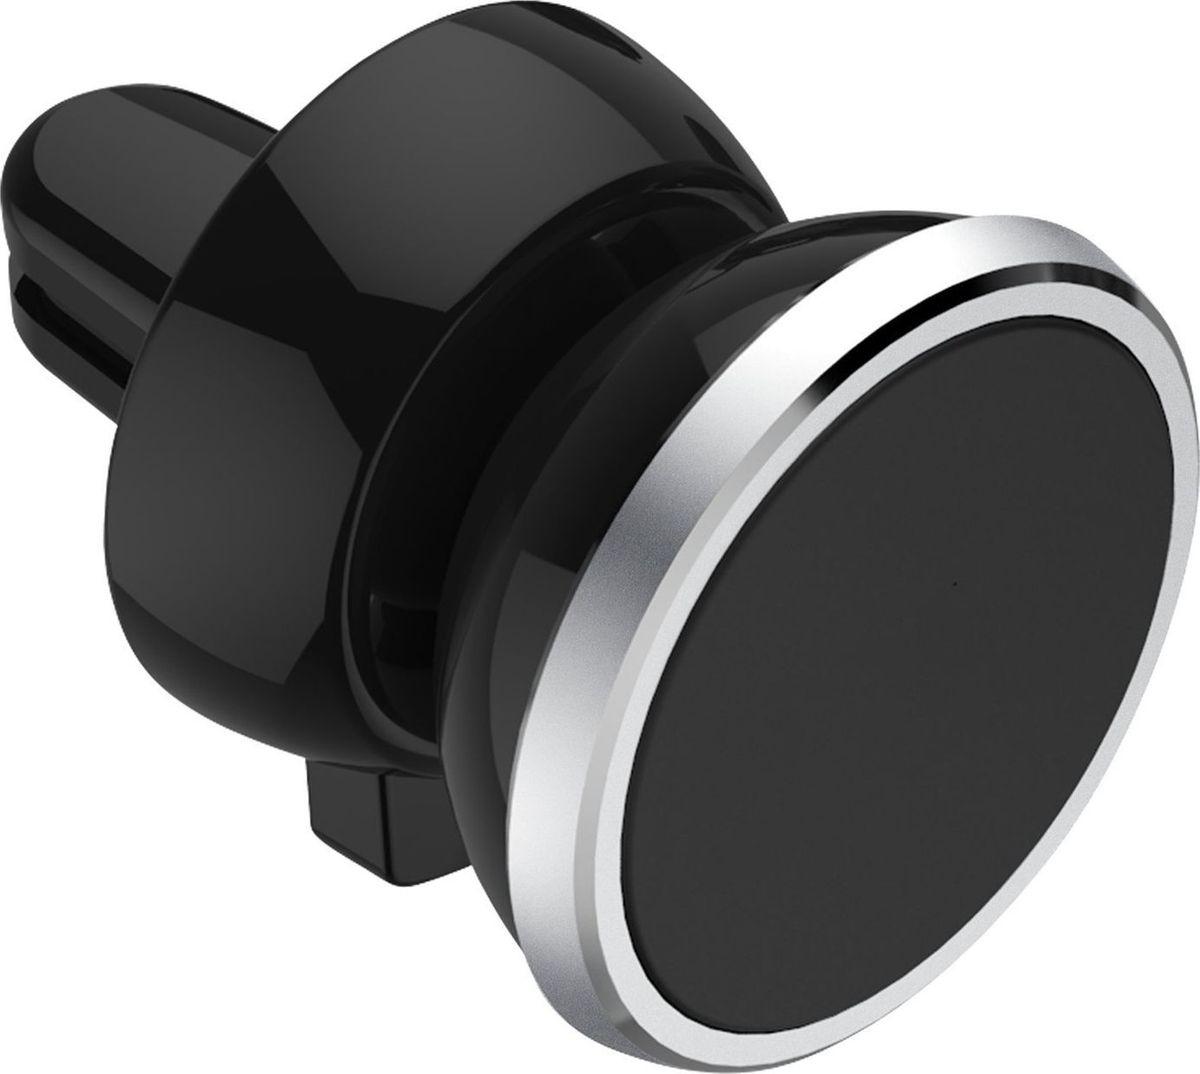 Держатель автомобильный AM, для телефона, магнитный, цвет: черныйHHM-S-02KМагнитный держатель AM крепится на решетку вентиляции. Вкомплекте 2 металлические пластины с ЗМ скотчем.Особенности:- Установка угла наклона.- Разворот на 360 градусов. Диаметр держателя: 3,5 см.